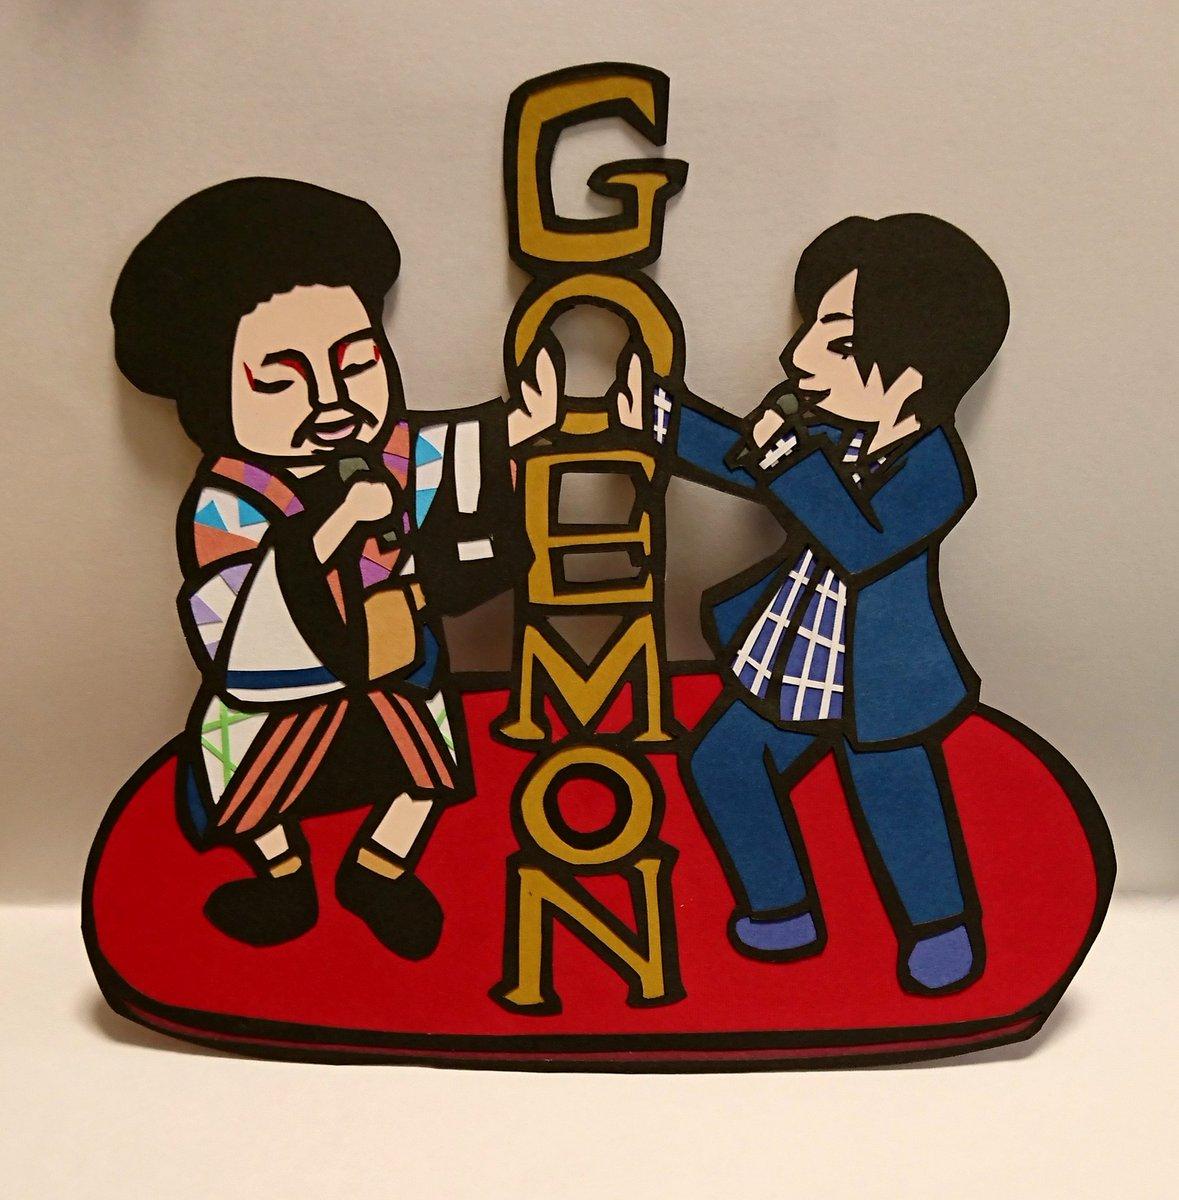 昨日のSONGS素敵でした✨  という訳で、GOEMONをイメージした切り絵を勢いで作ってみた  あんまり似せれてませんが曲の良さが伝わると嬉しいです (о´∀`о) #SONGS #レキシ #ビッグ門左衛門 #三浦大知  #GOEMON #イラスト #切り絵